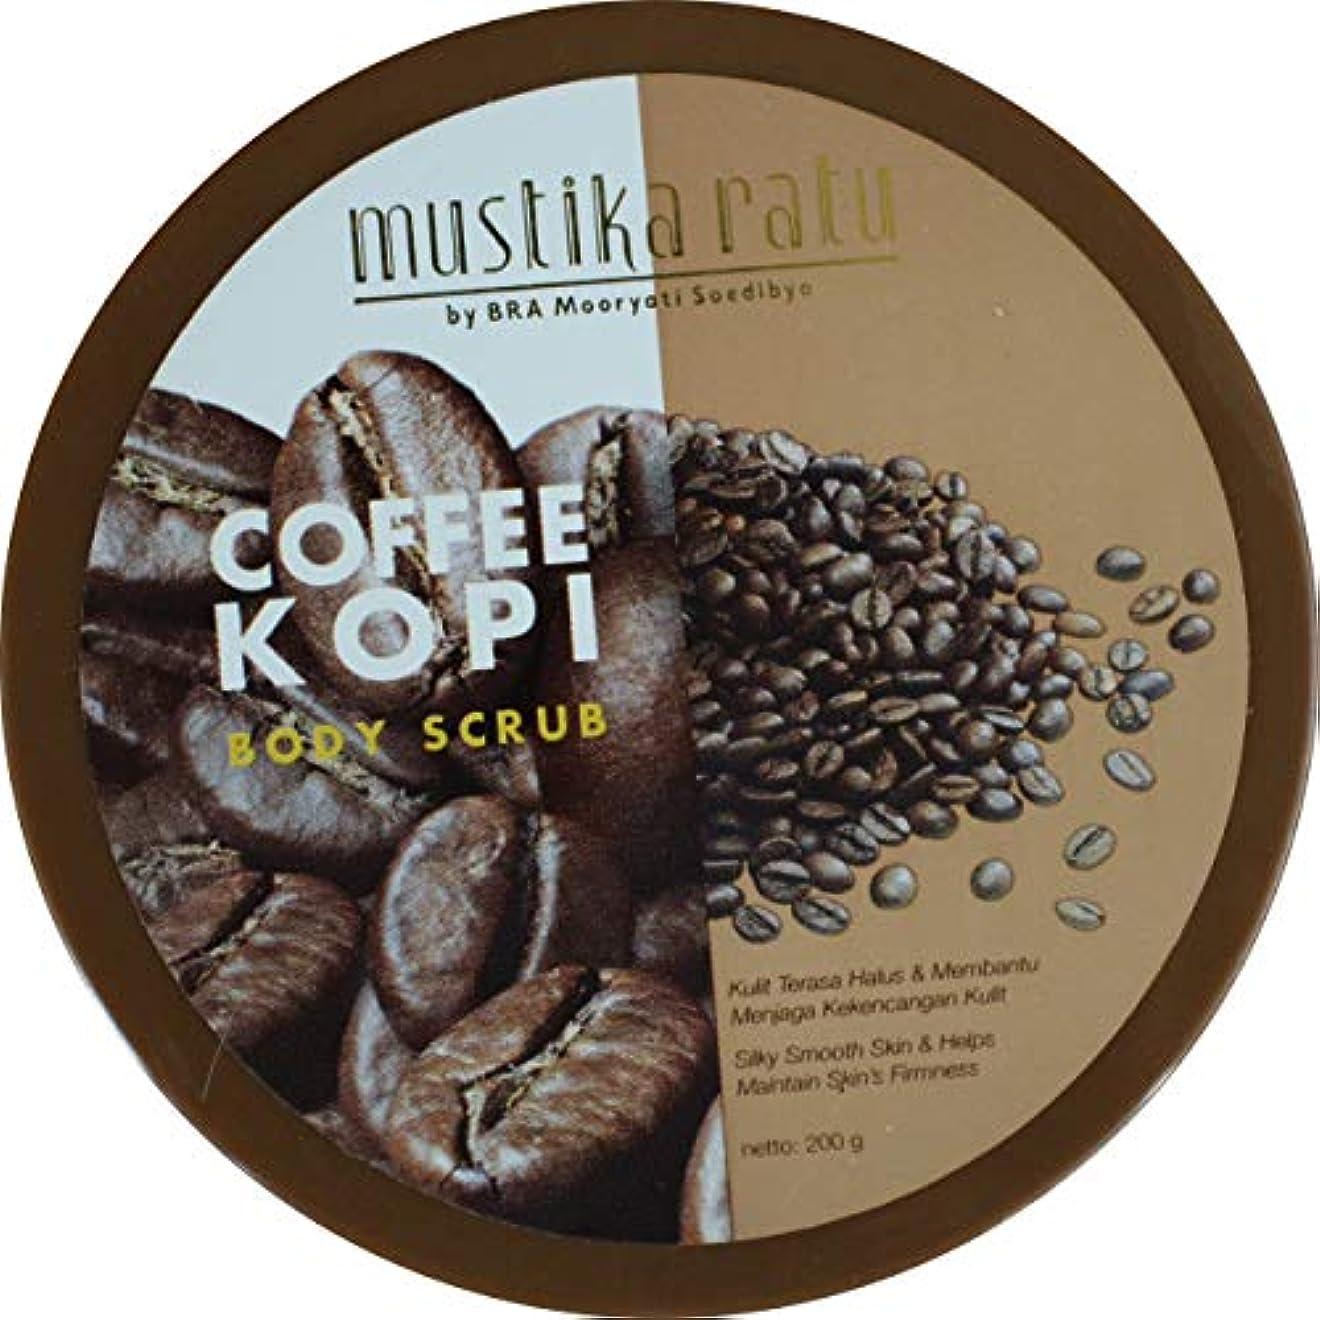 手がかりフレット止まるMustika Ratu インドネシア200グラム単位でのコーヒーボディスクラップ